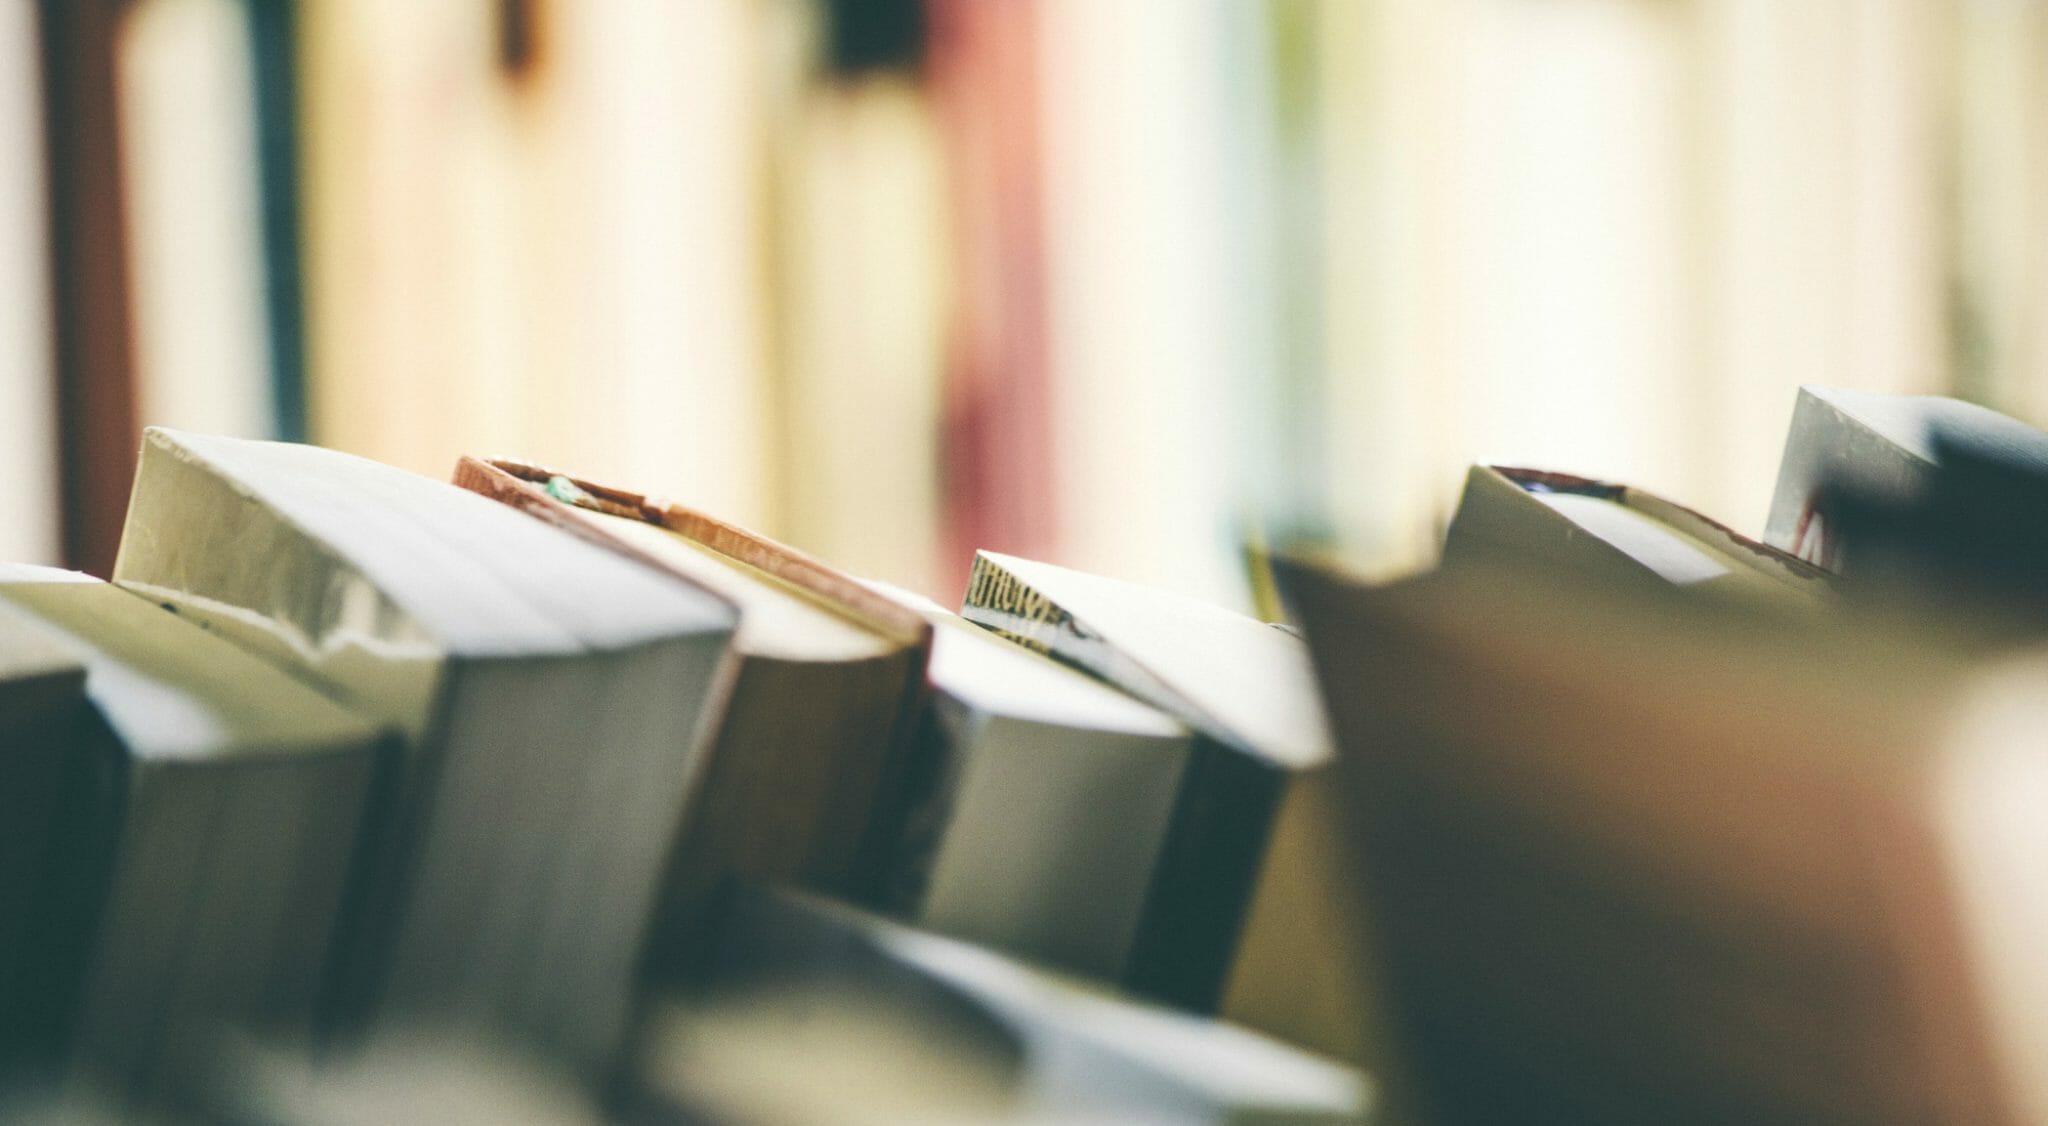 Nuovo DPCM: le librerie nei centri commerciali ora possono restare aperte